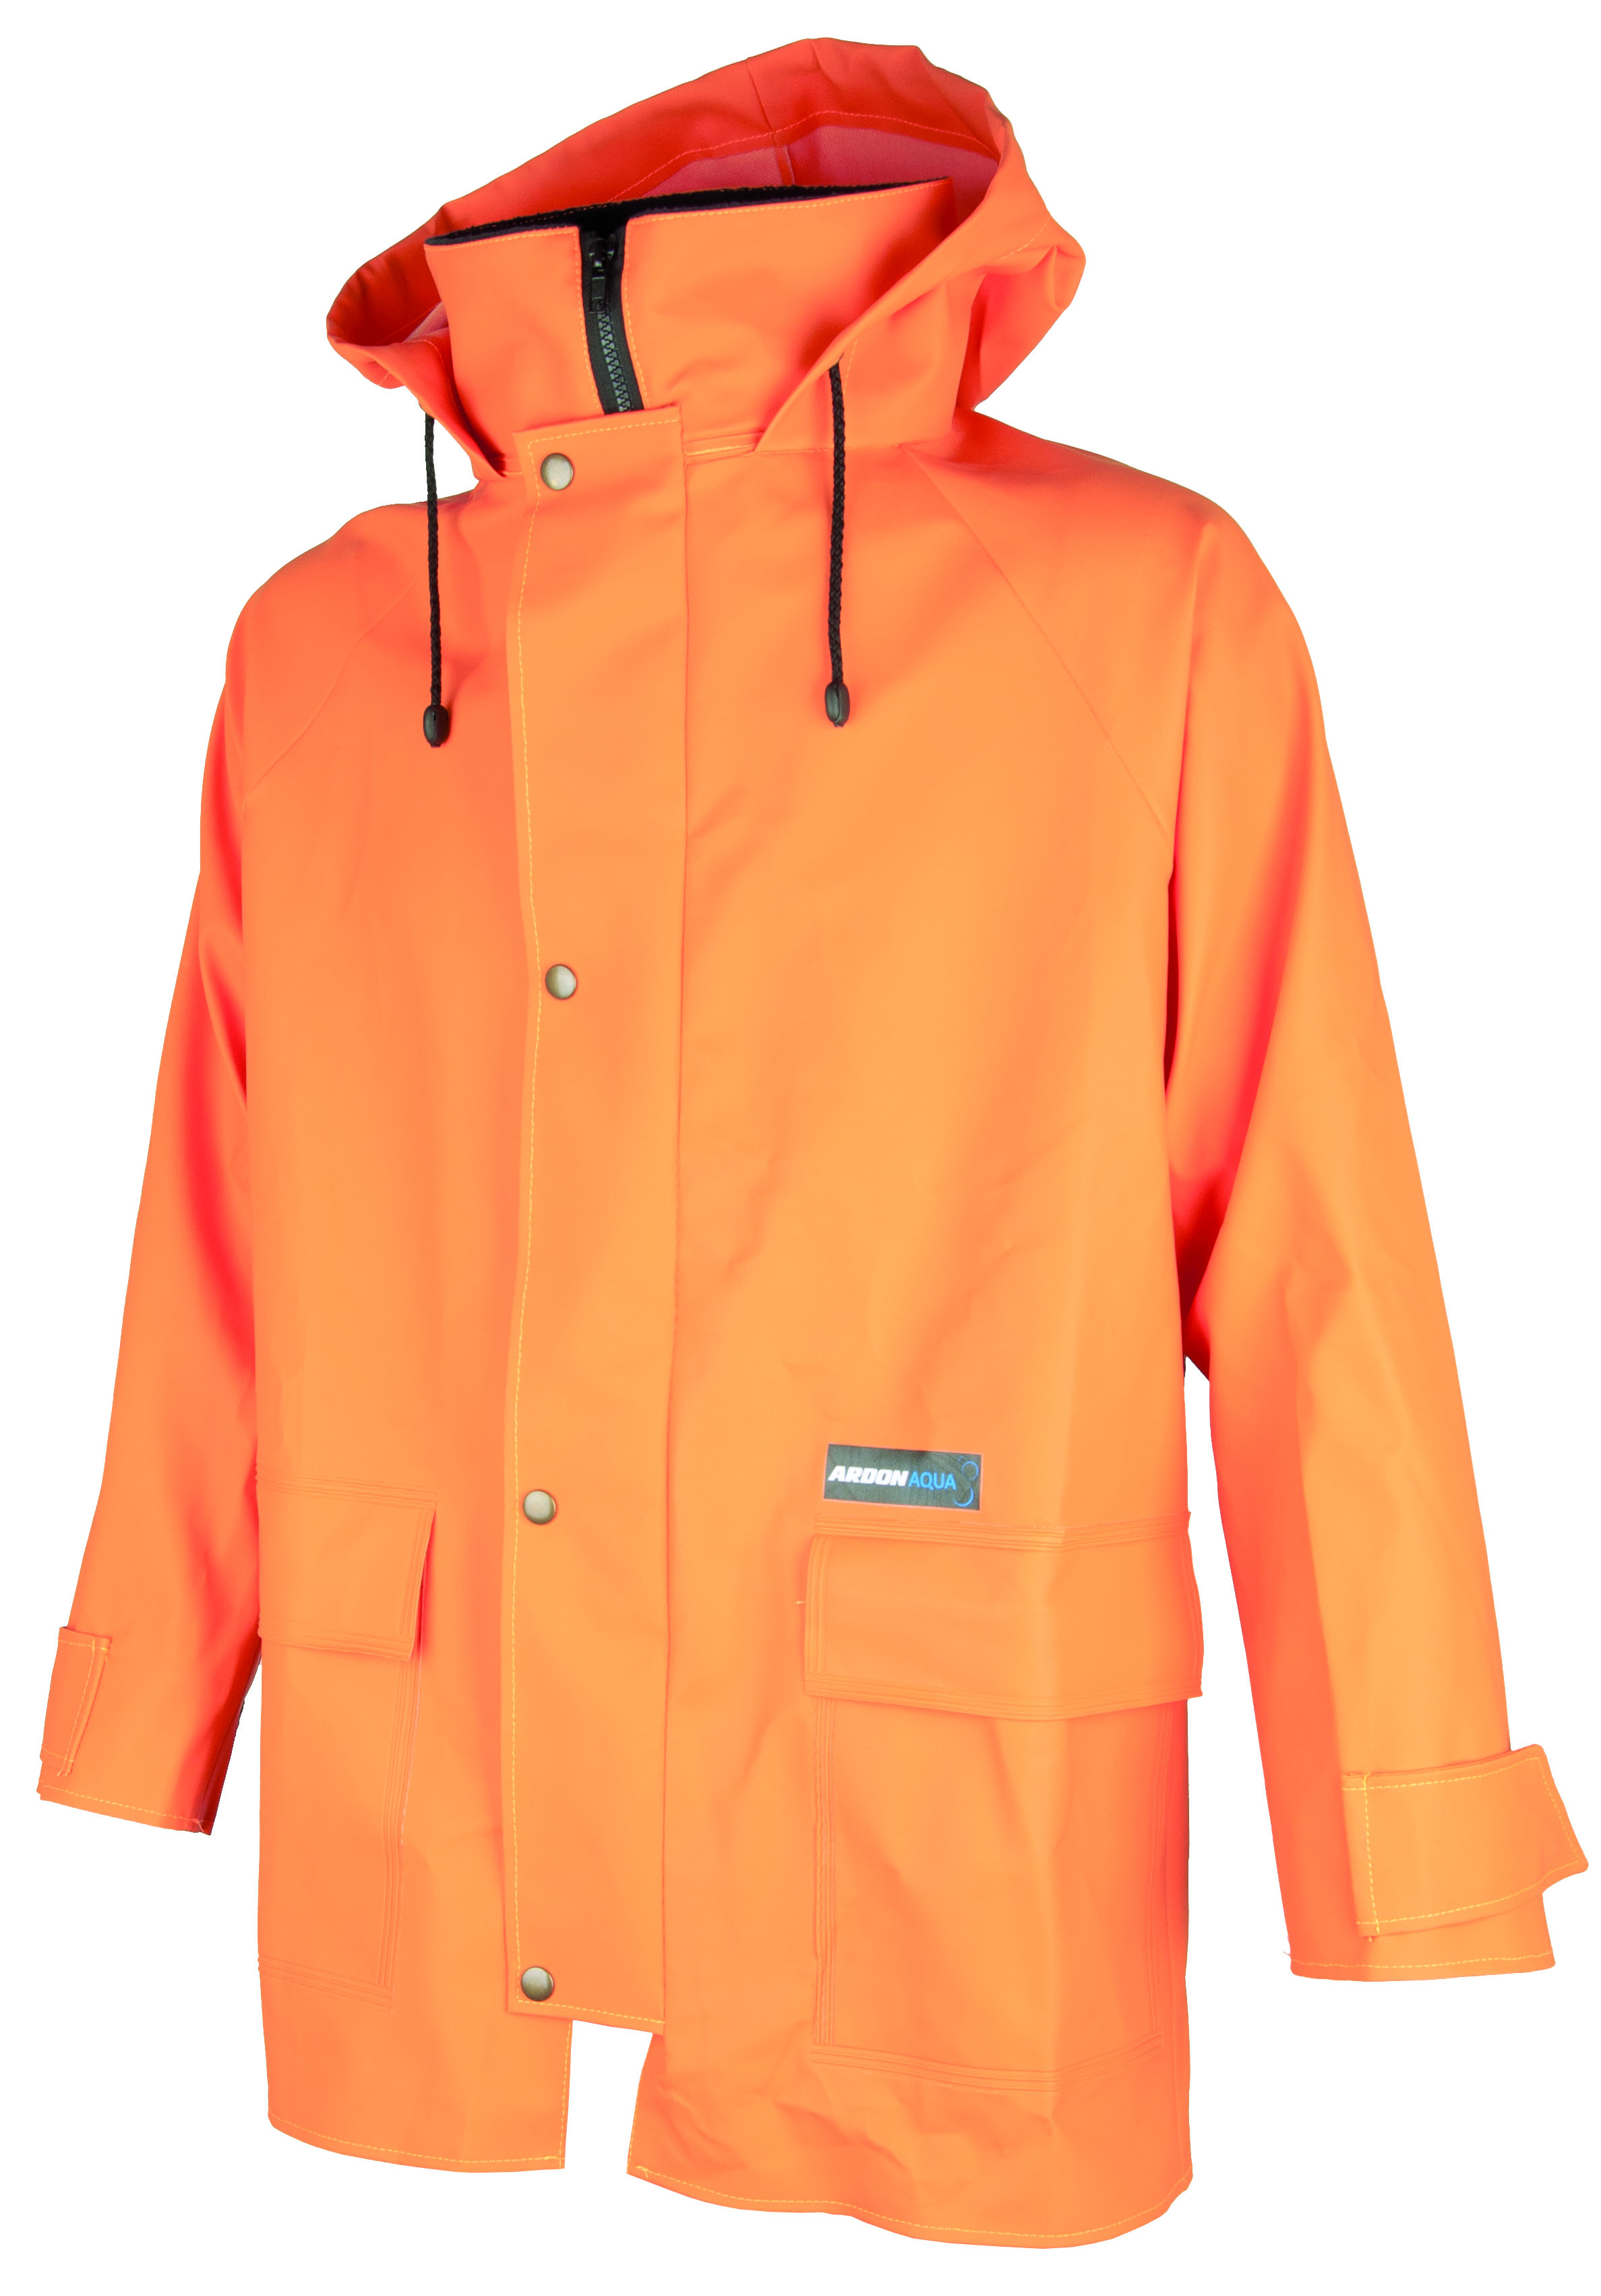 Blůza ARDON AQUA 103 oranžová L